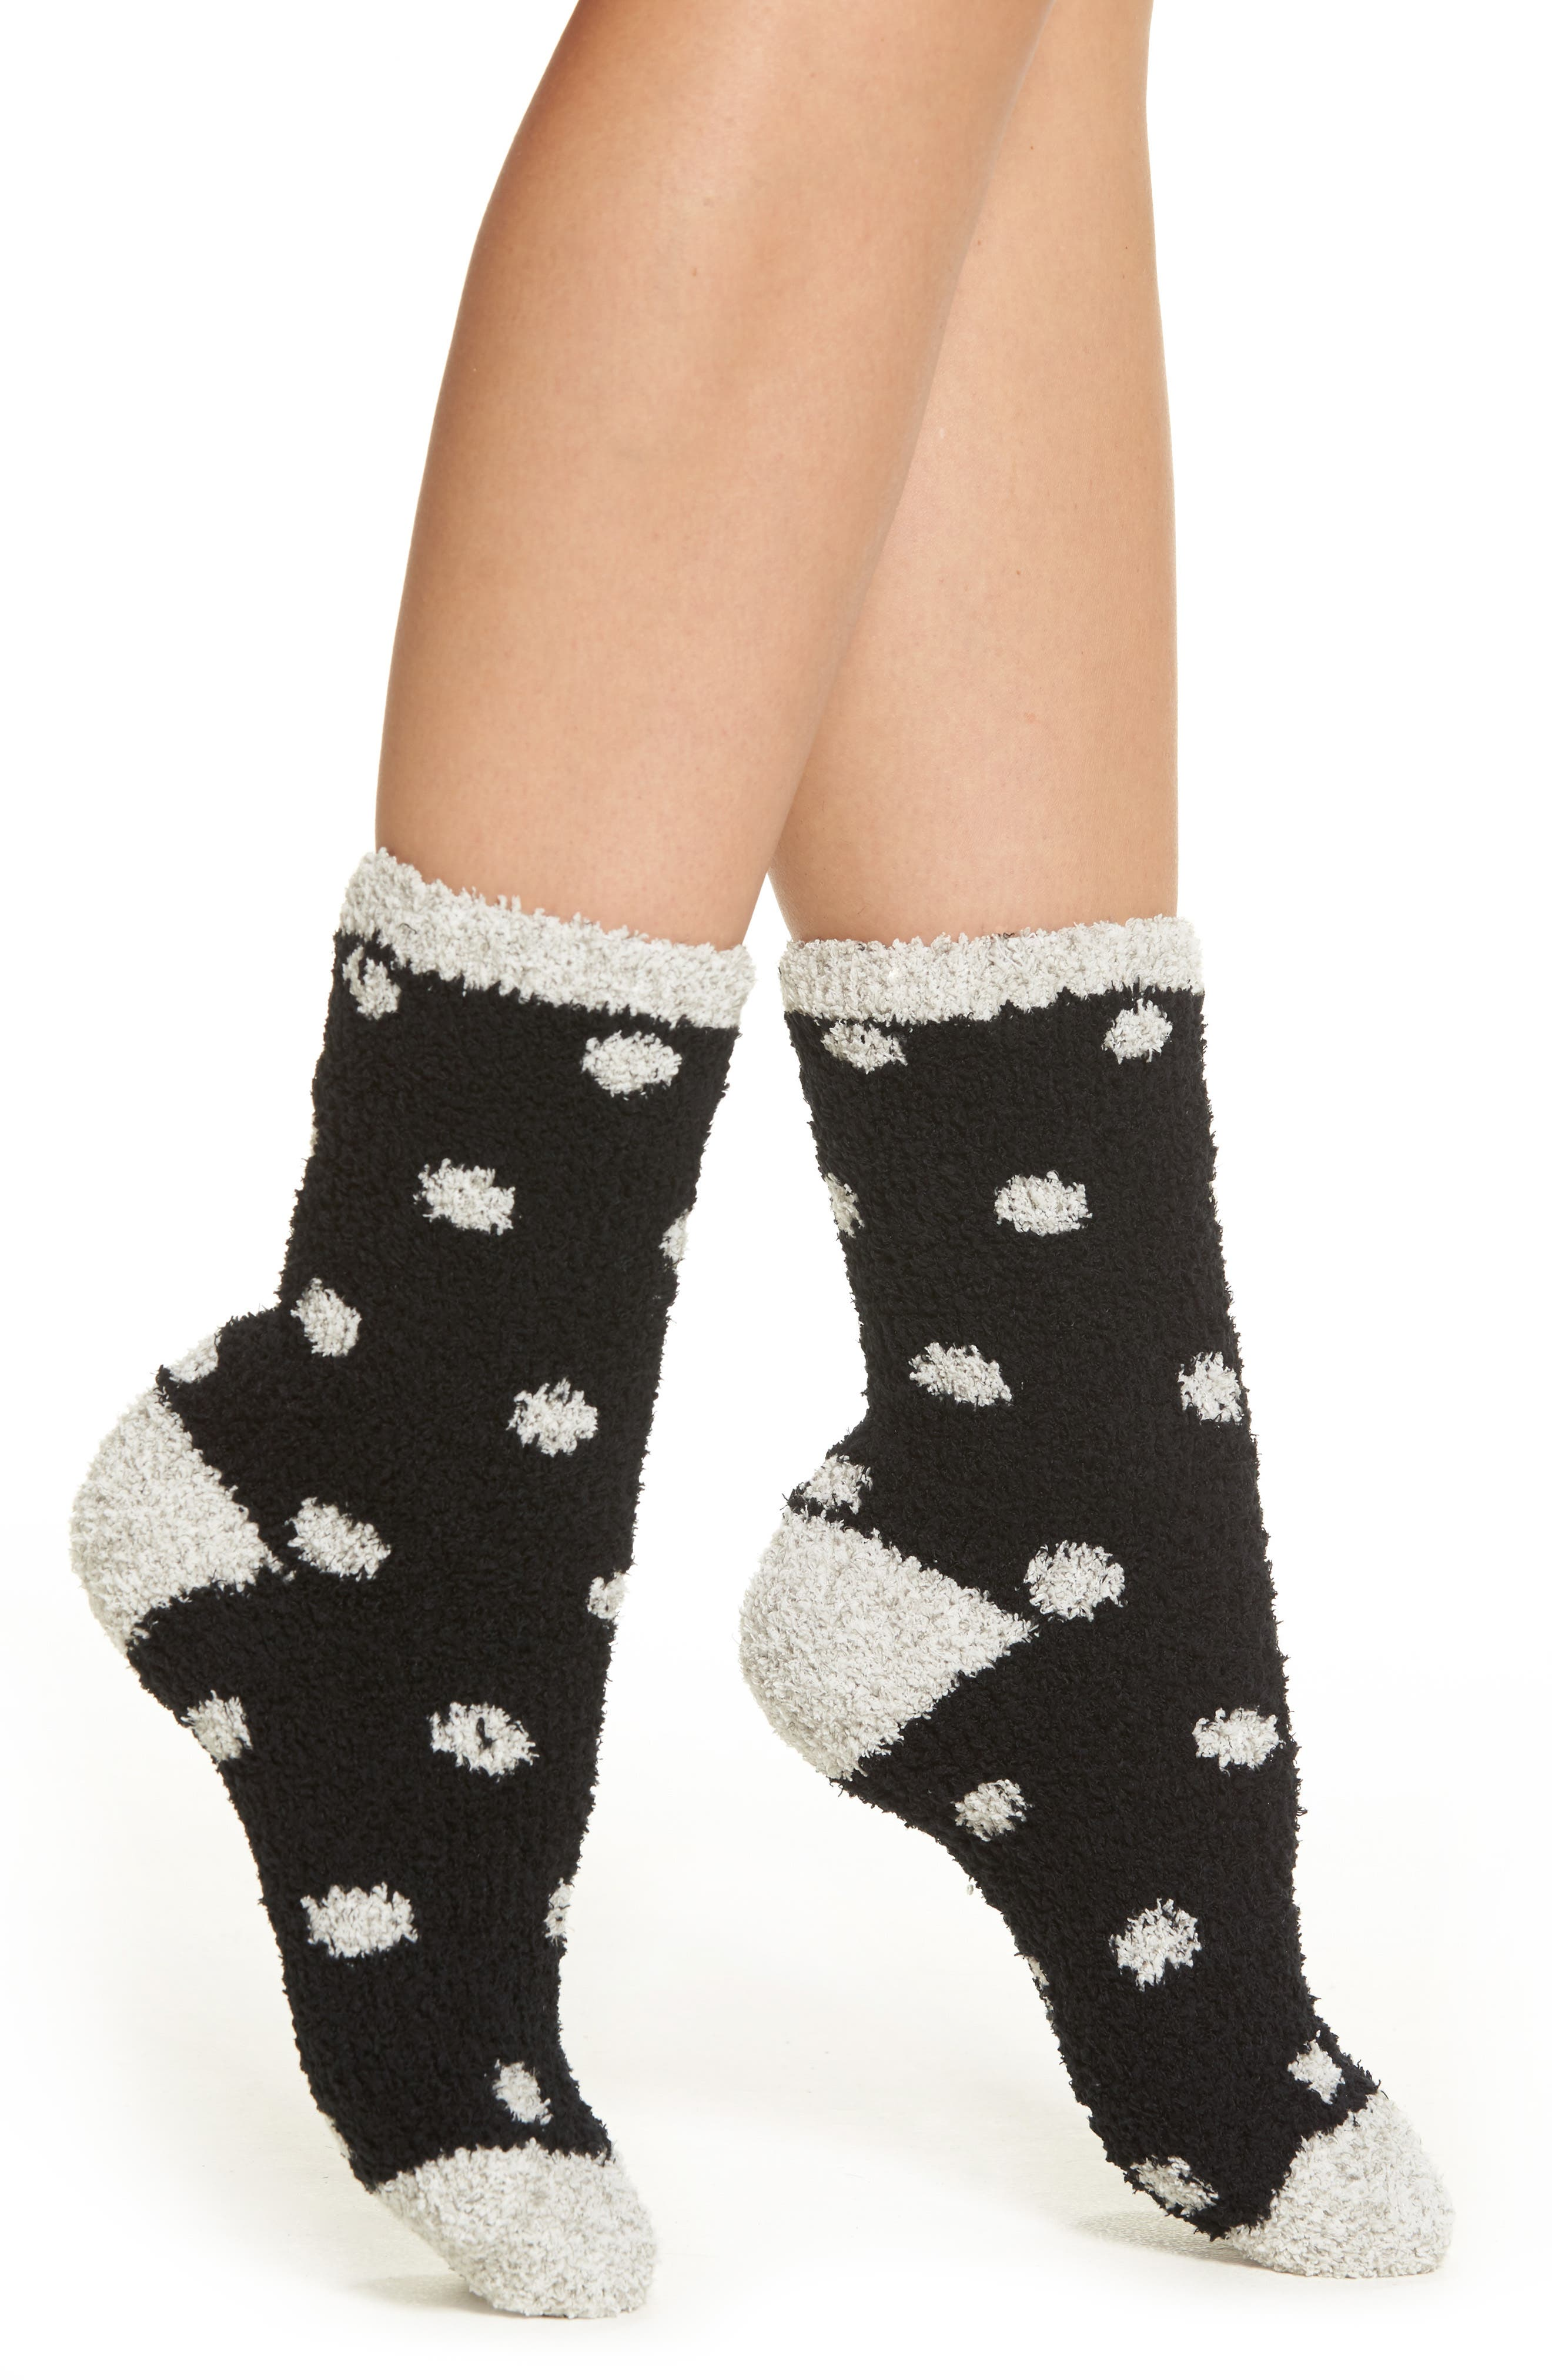 Main Image - Nordstrom Butter Crew Socks (3 for $19)